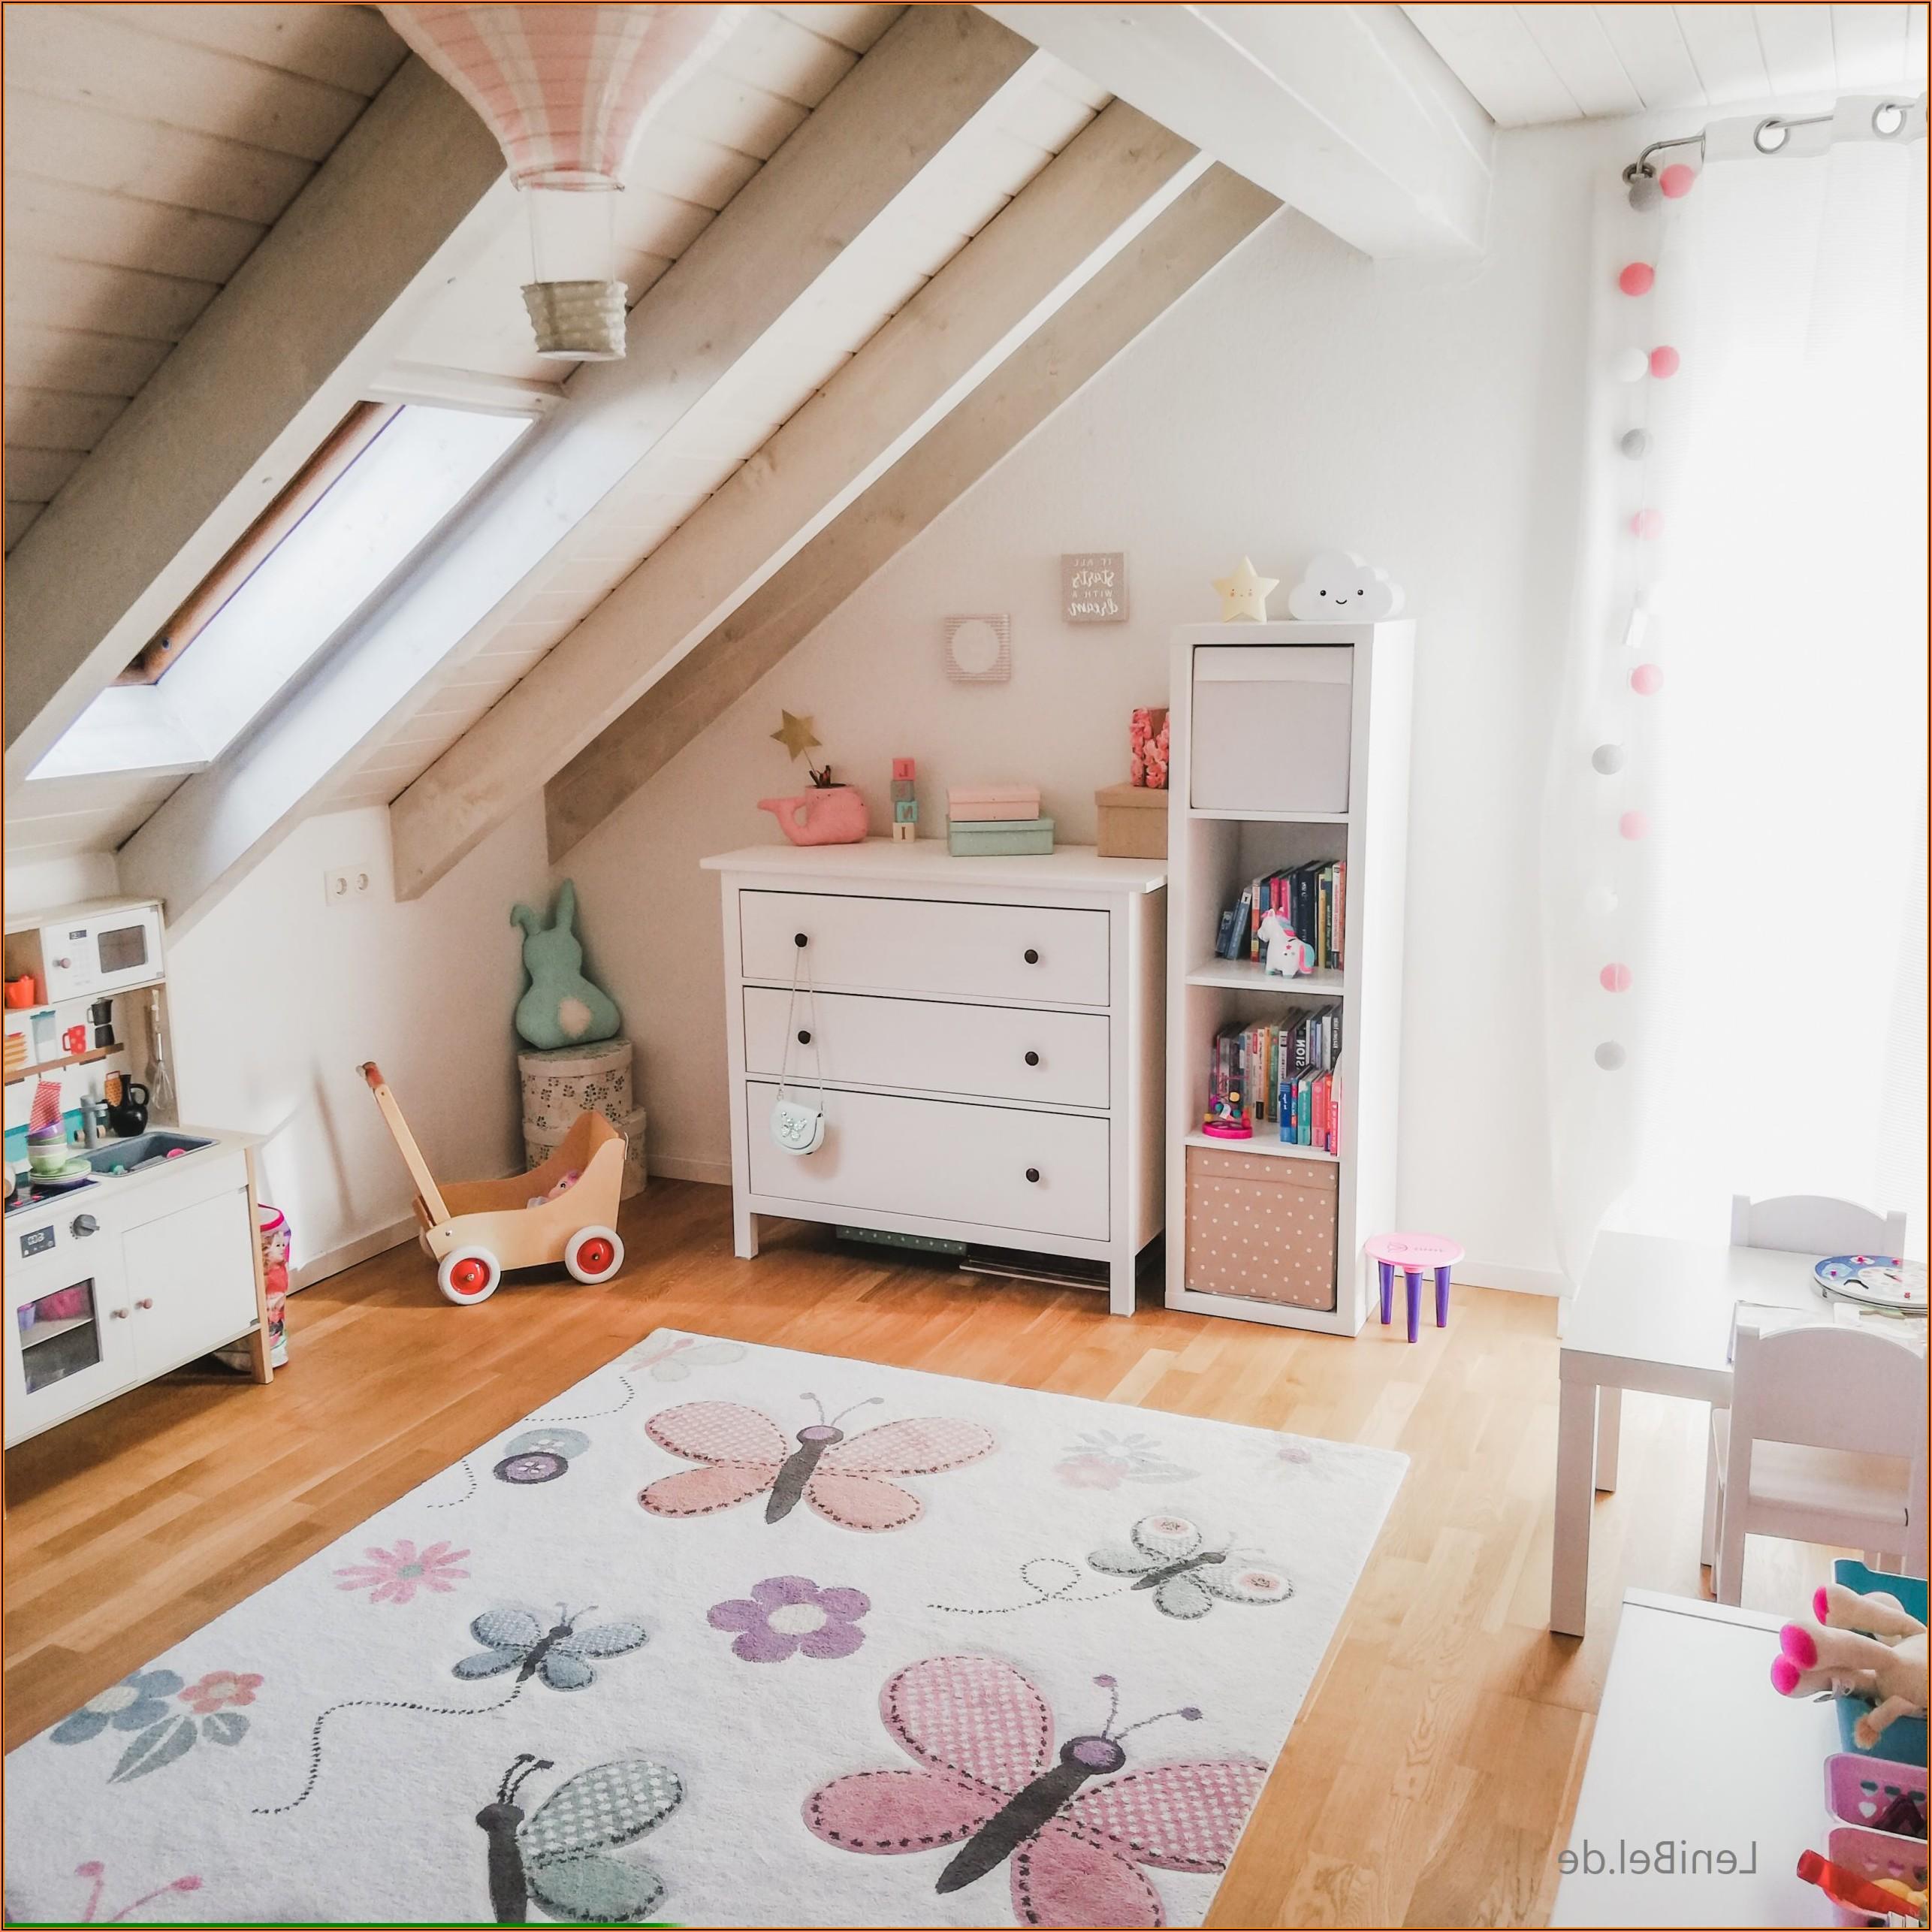 Kinderzimmer Gestalten Mädchen 2 Jahre